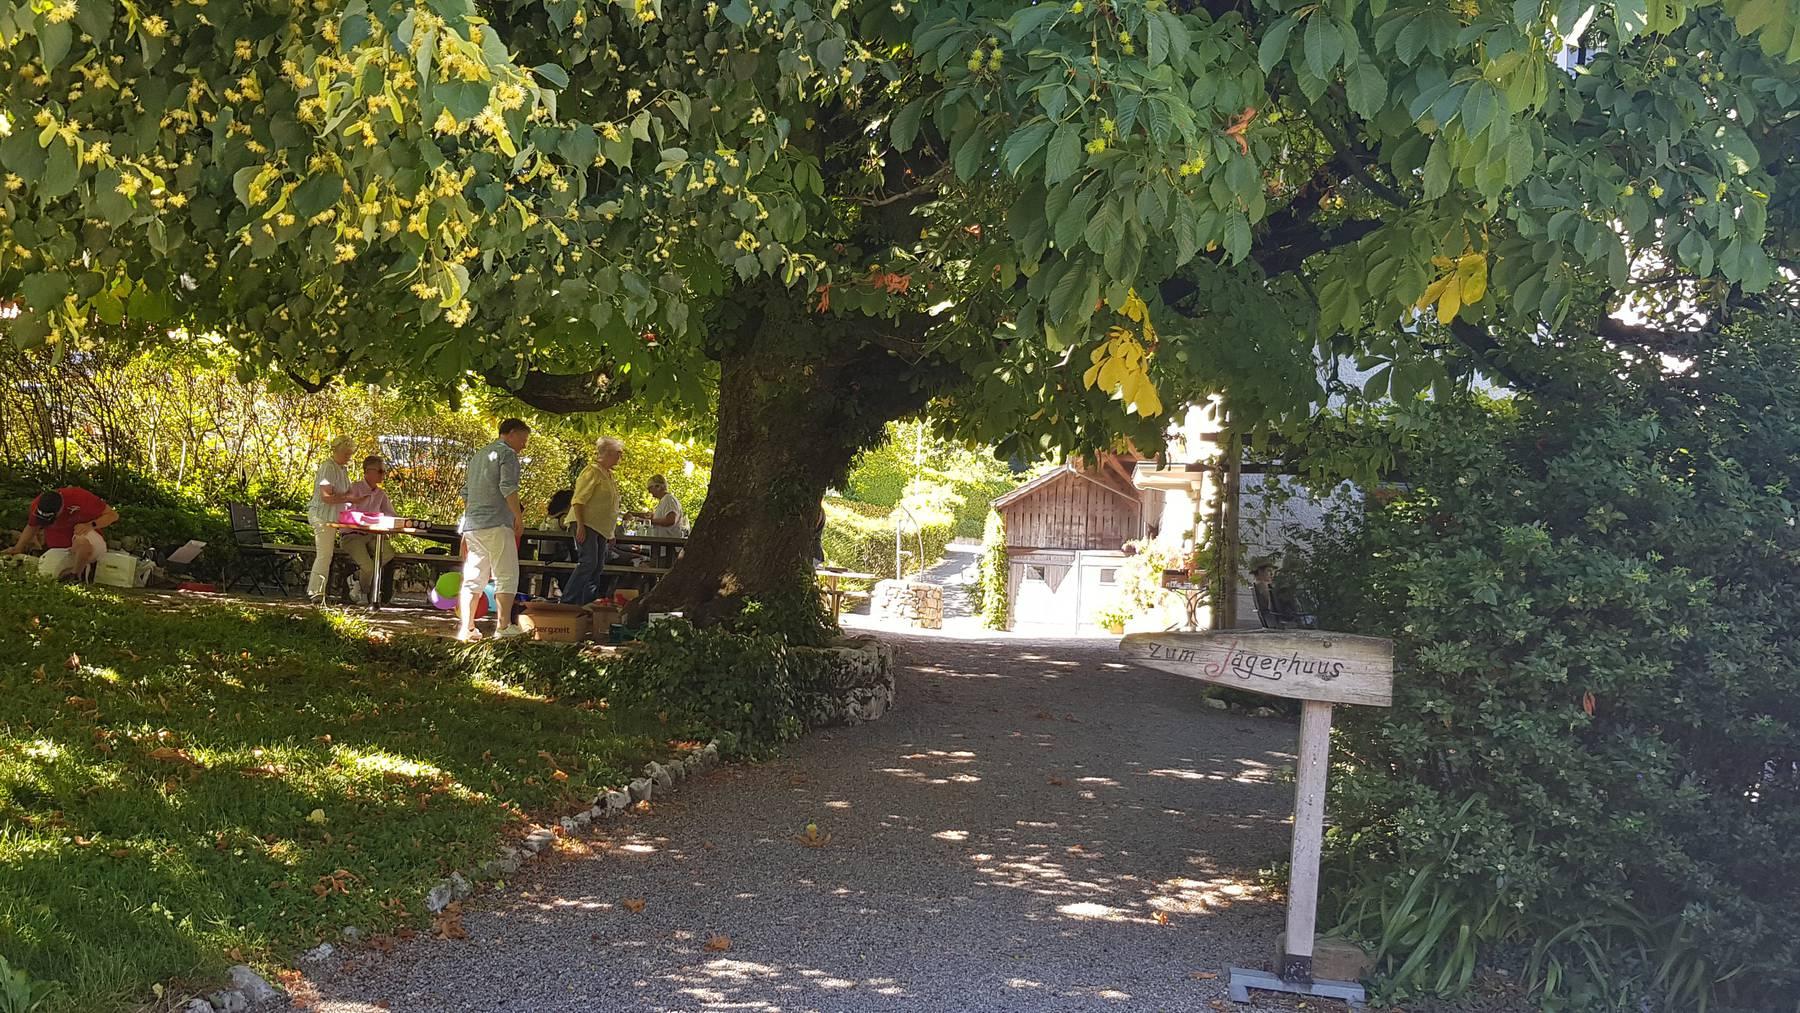 Wirtschaft zum Jägerhuus, Hertenstein